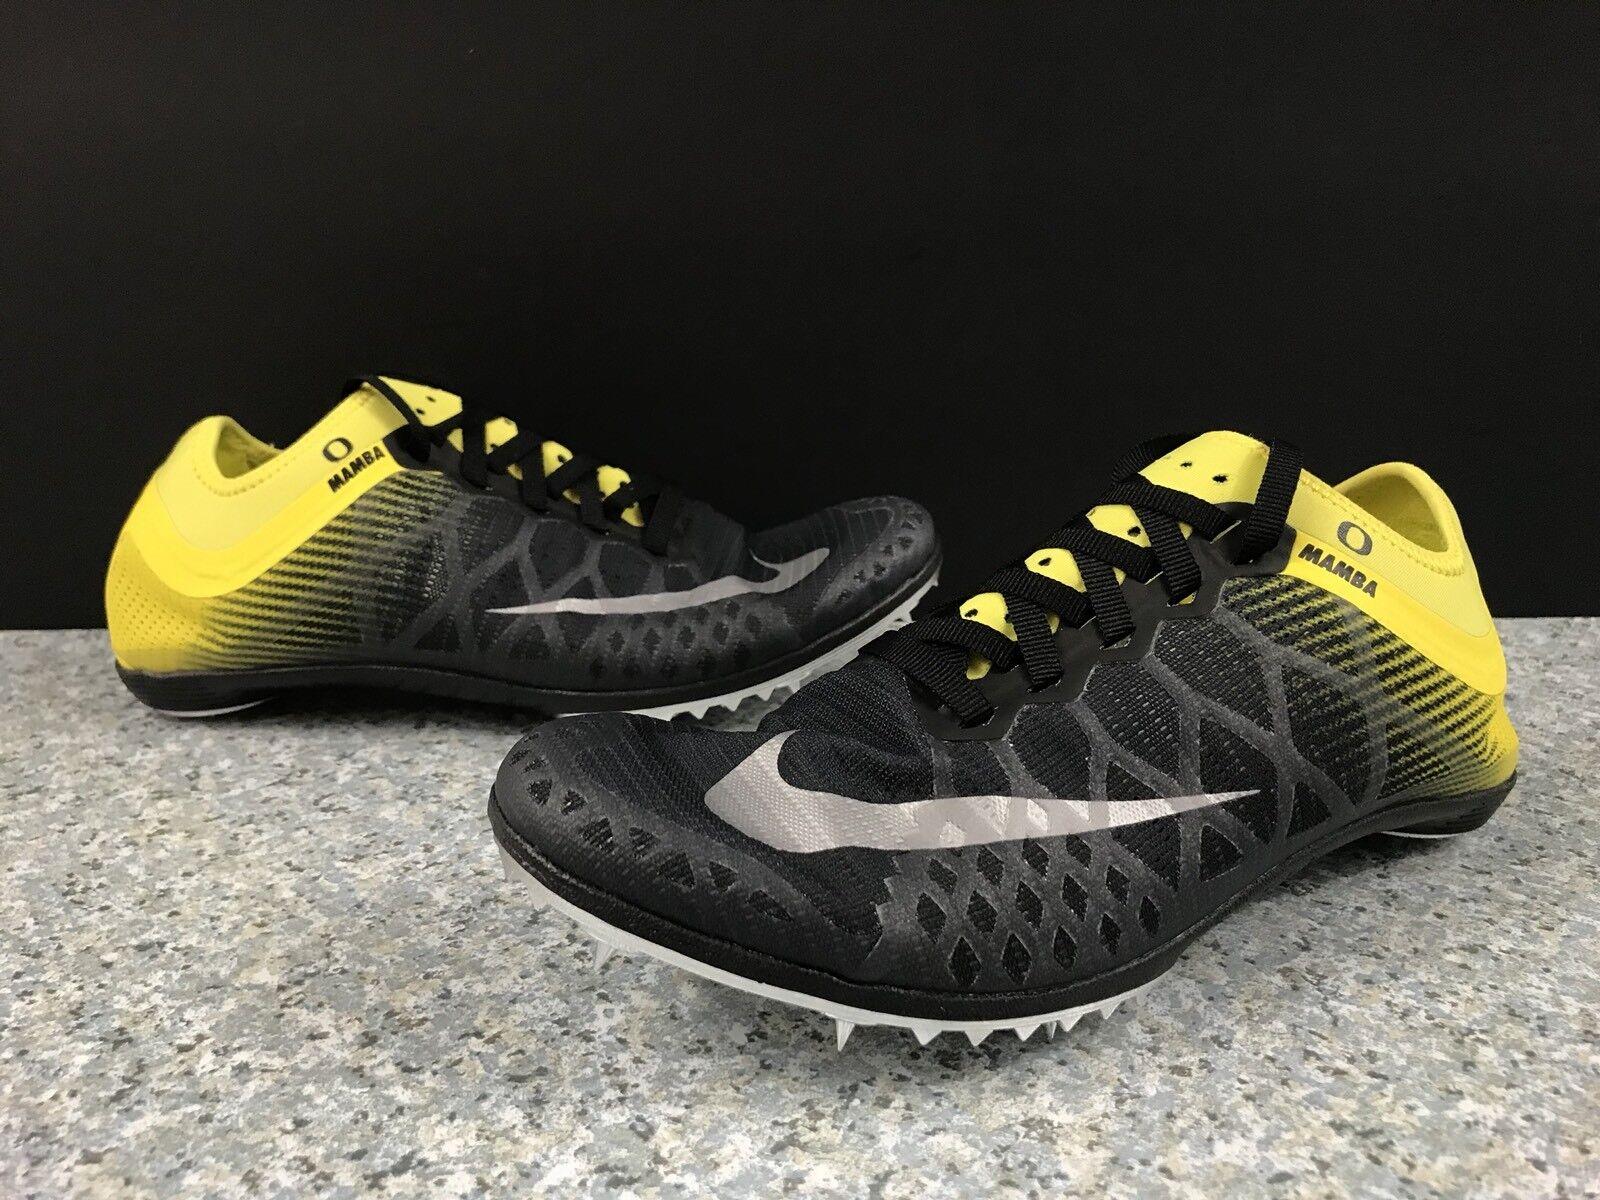 Nike Zoom Mamba 3 Oregon Ducks Hombre zapatos de la precio pista negro amarillo comodo precio la de temporada corta, beneficios de descuentos b13f40